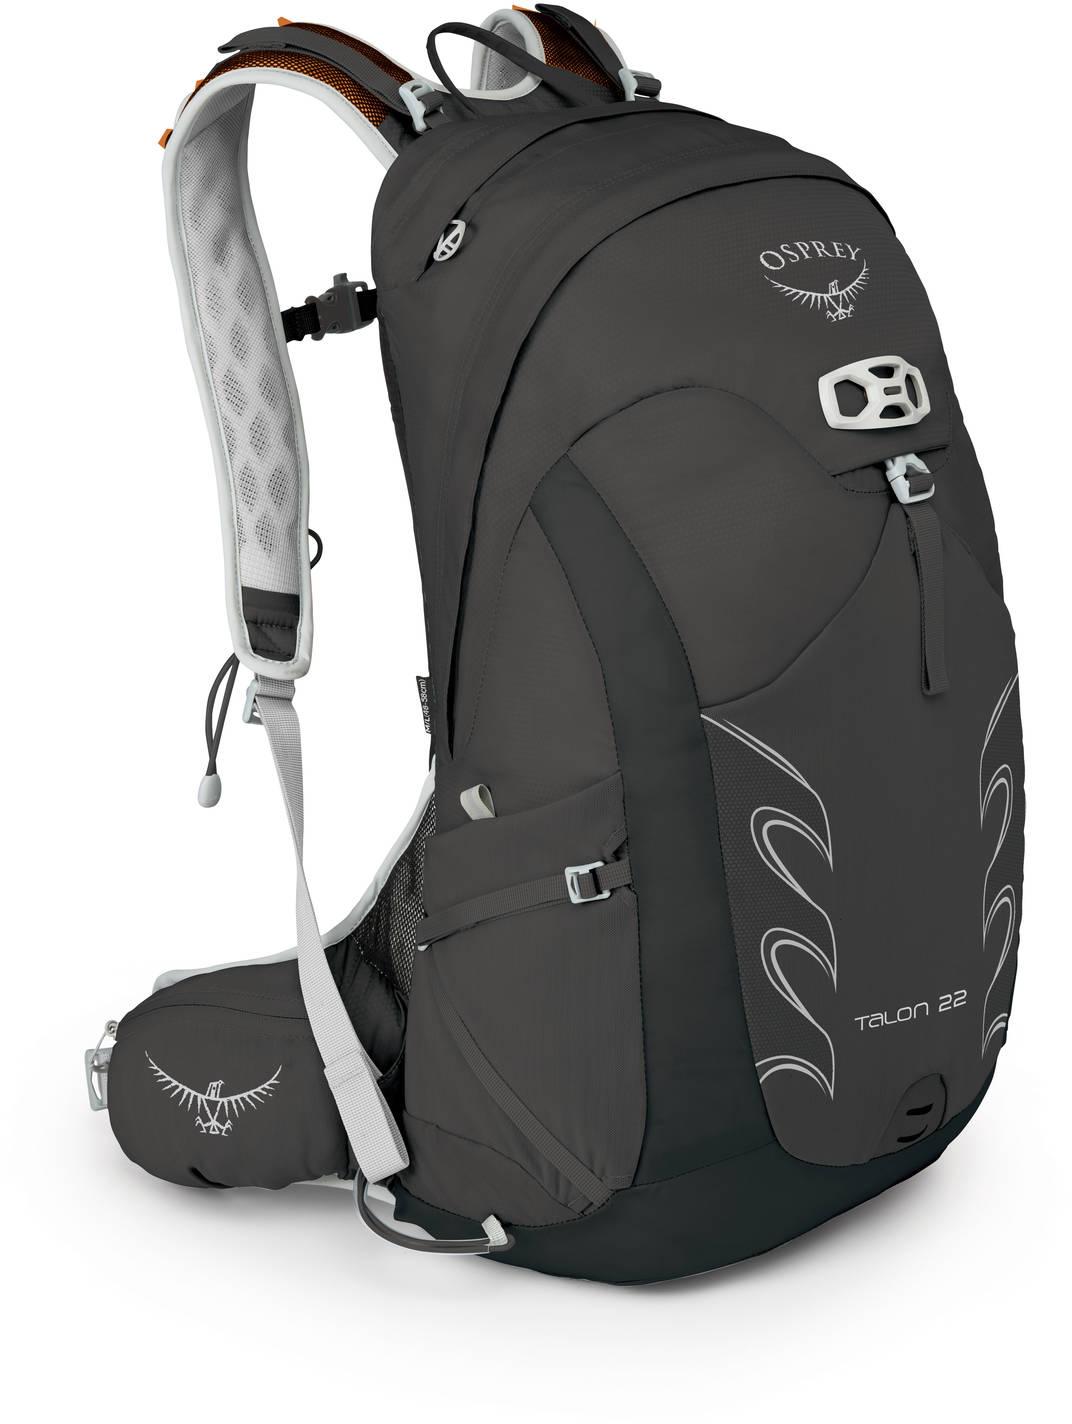 Туристические рюкзаки Рюкзак Osprey Talon 22 Talon_22_S17_Side_Black_web.jpg